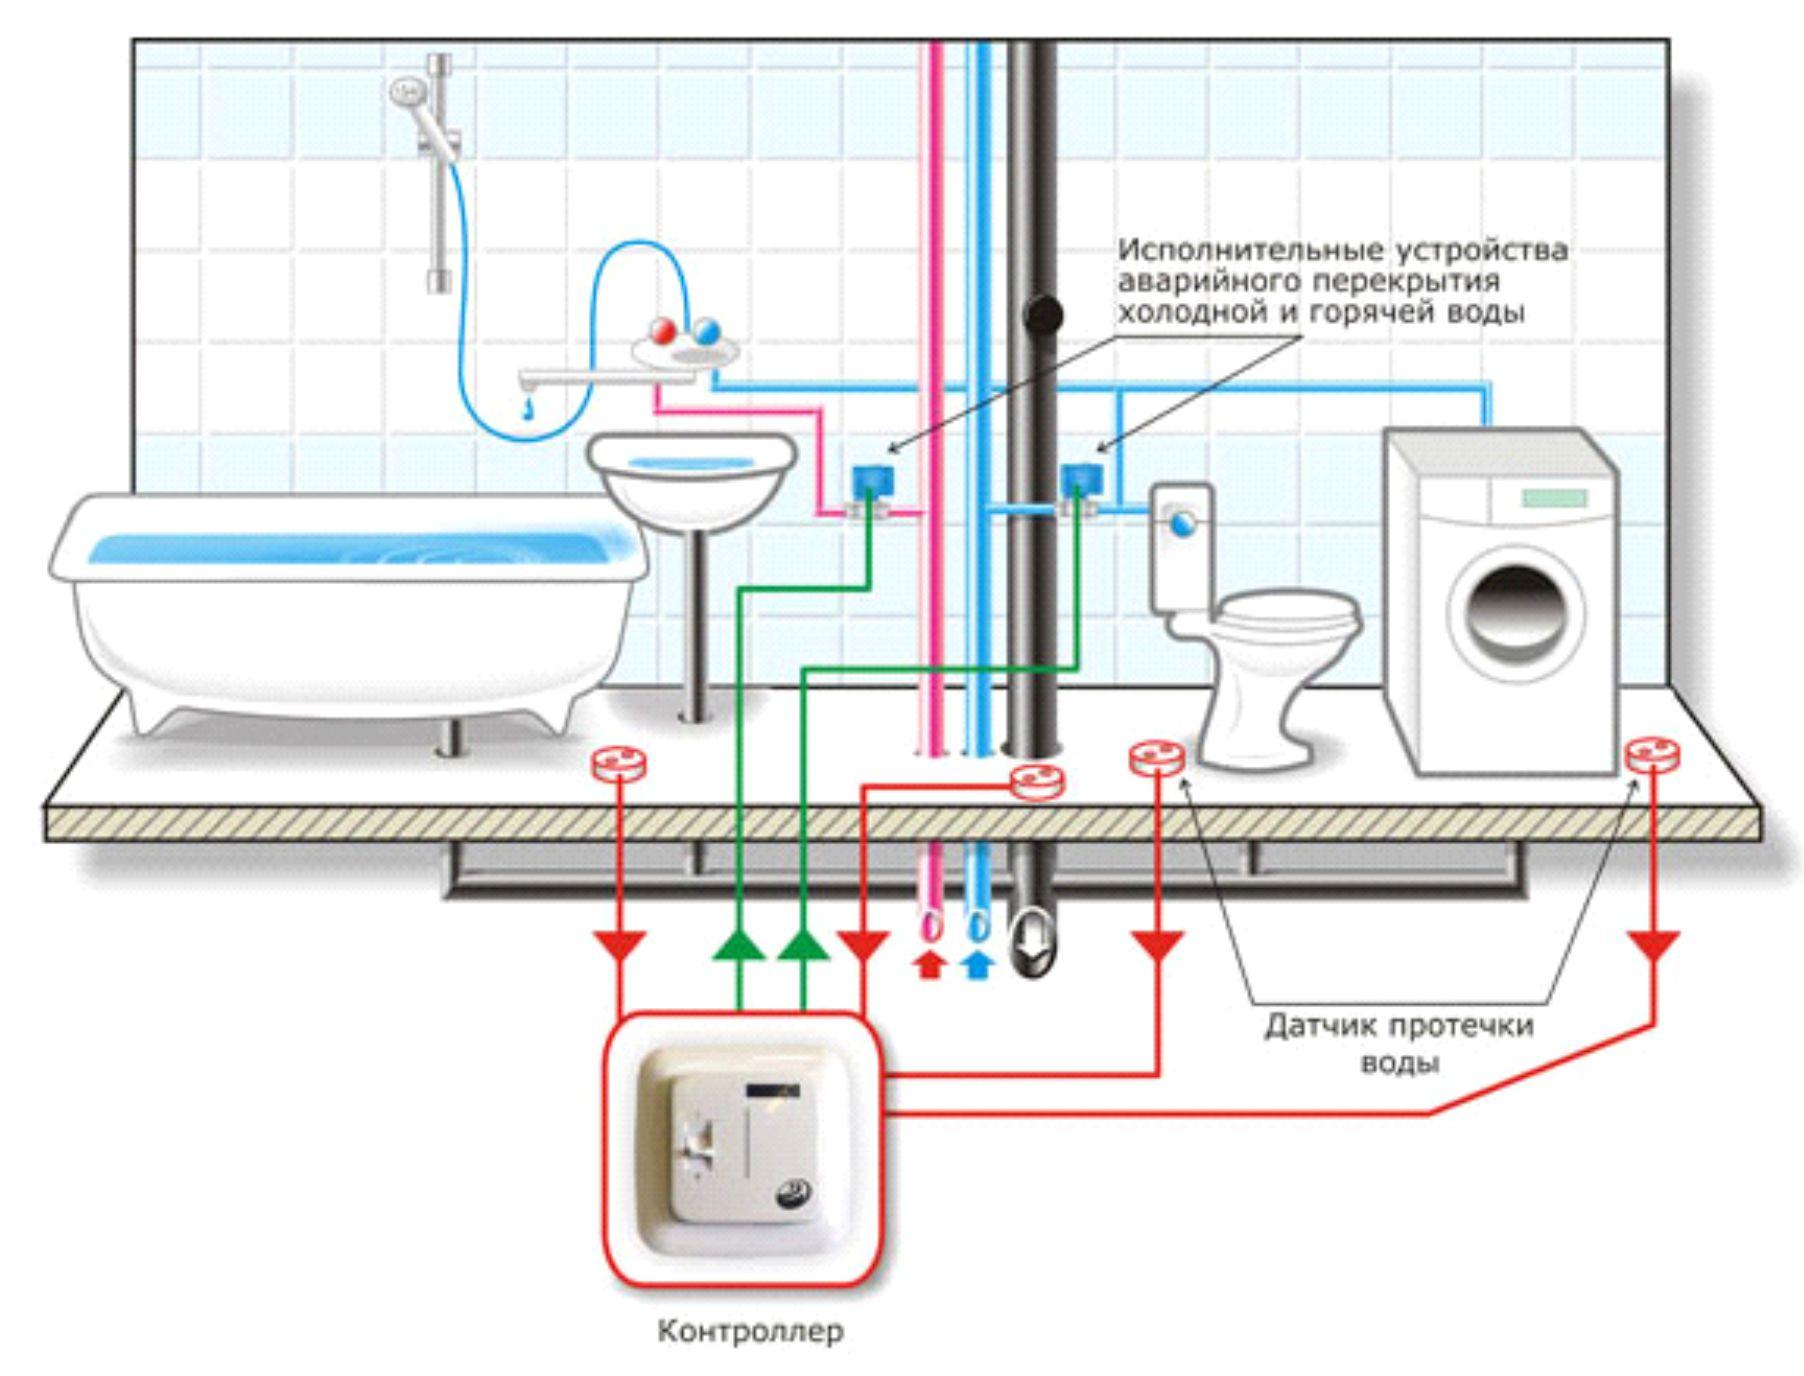 монтаж системы отопления коллекторная разводка пошаговая инструкция